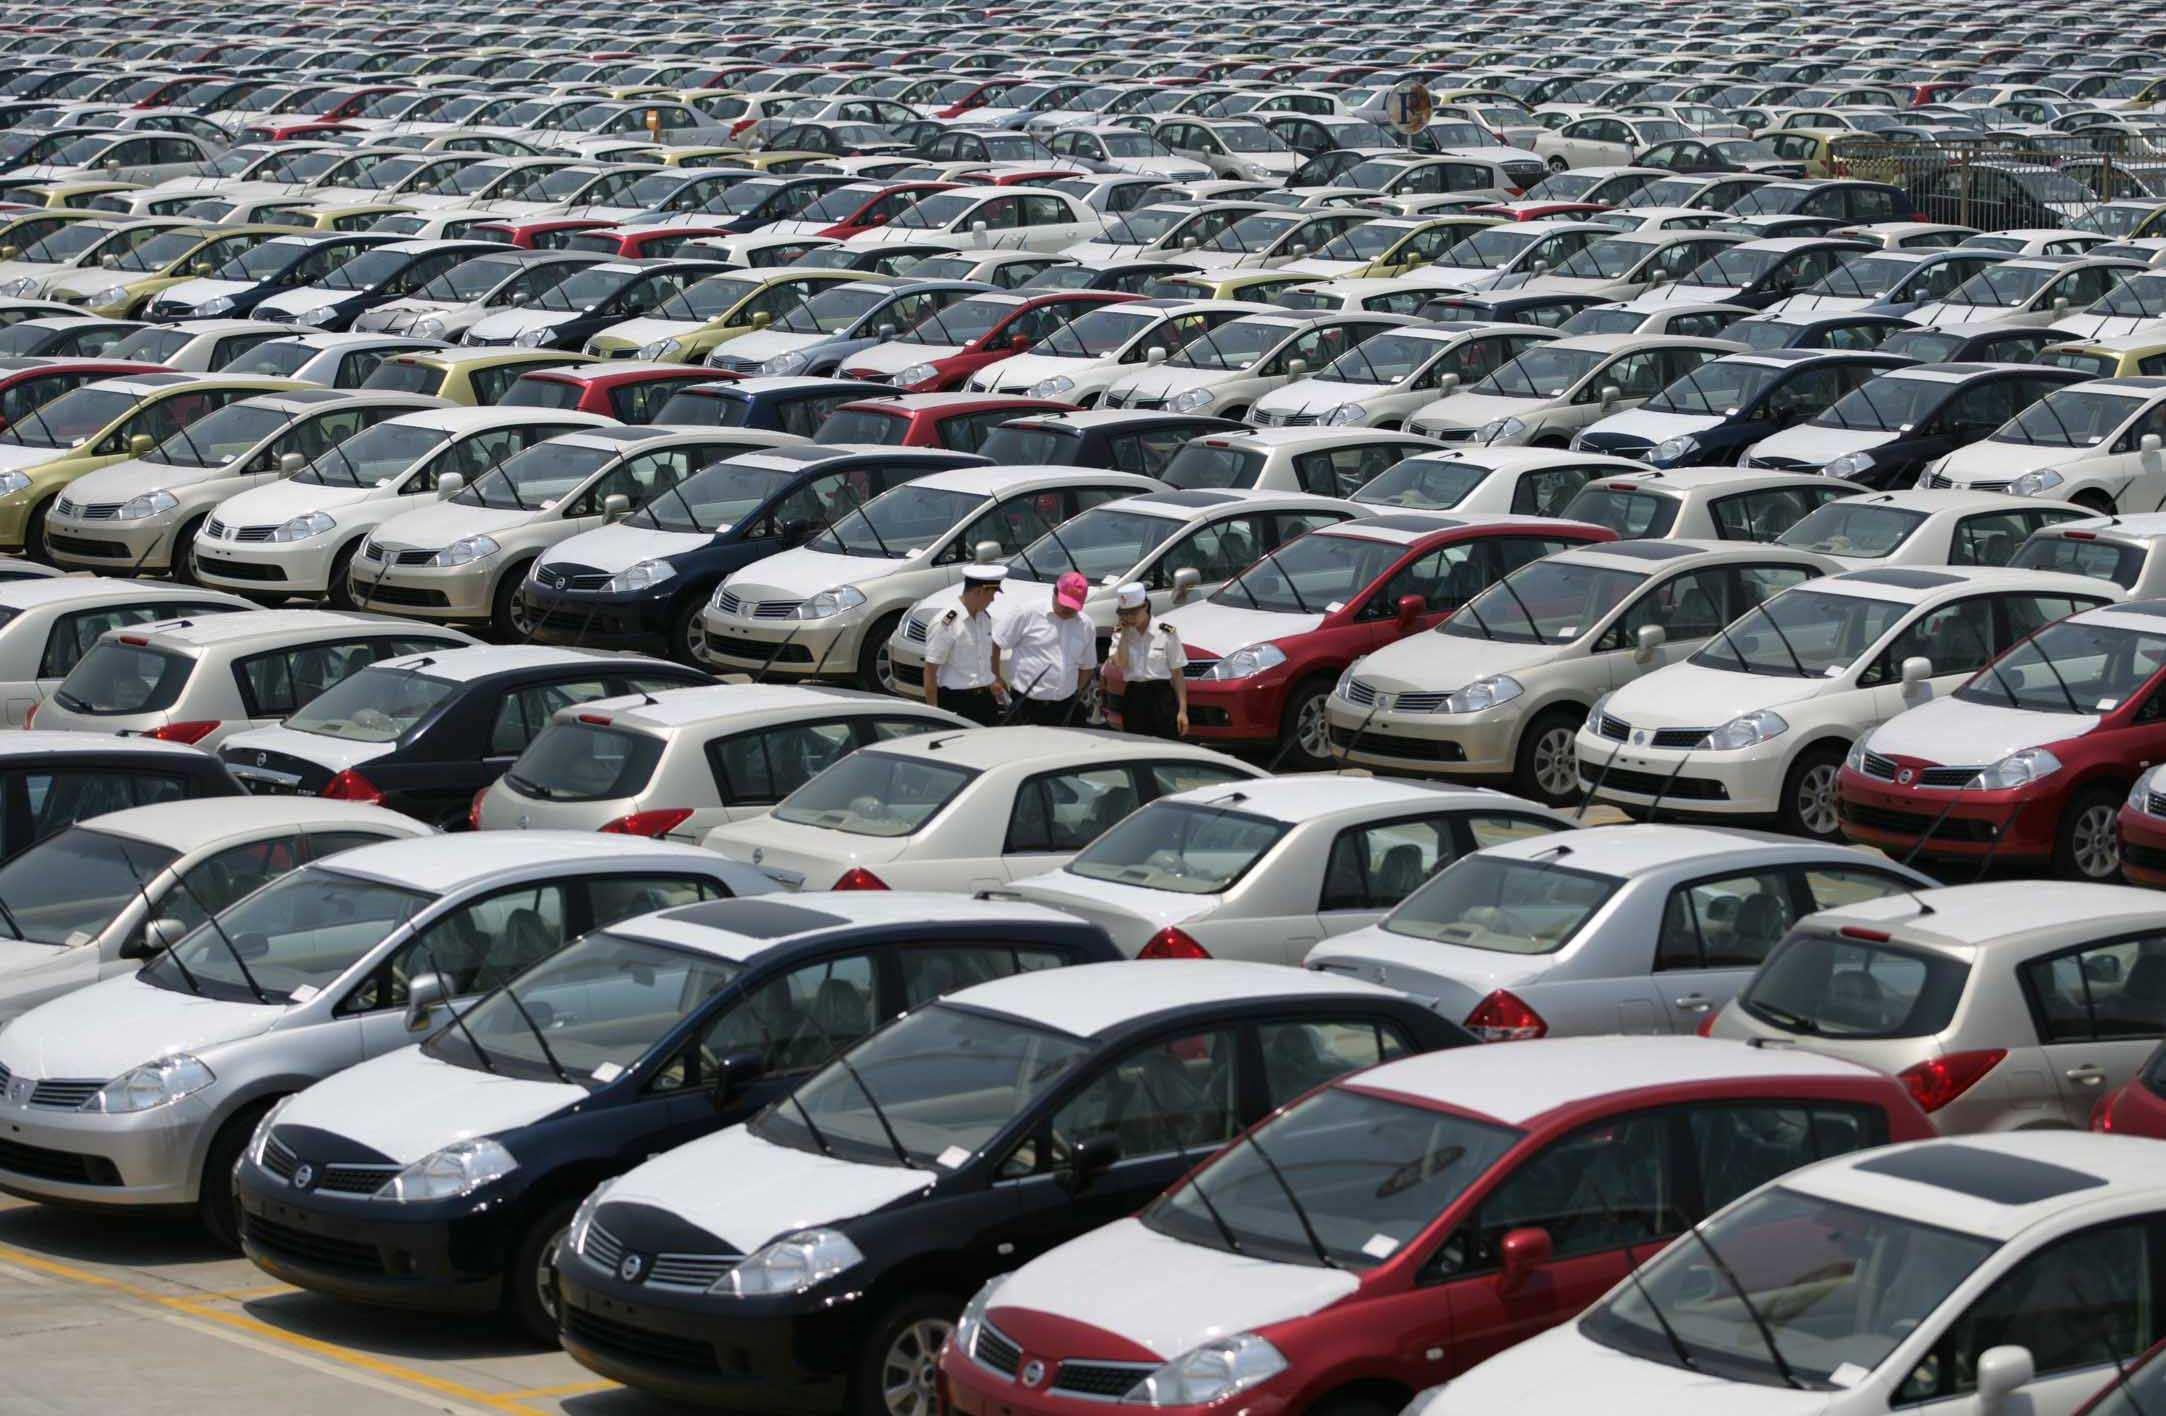 车市时隔28年恐再现负增长 未来三年或呈L型走势